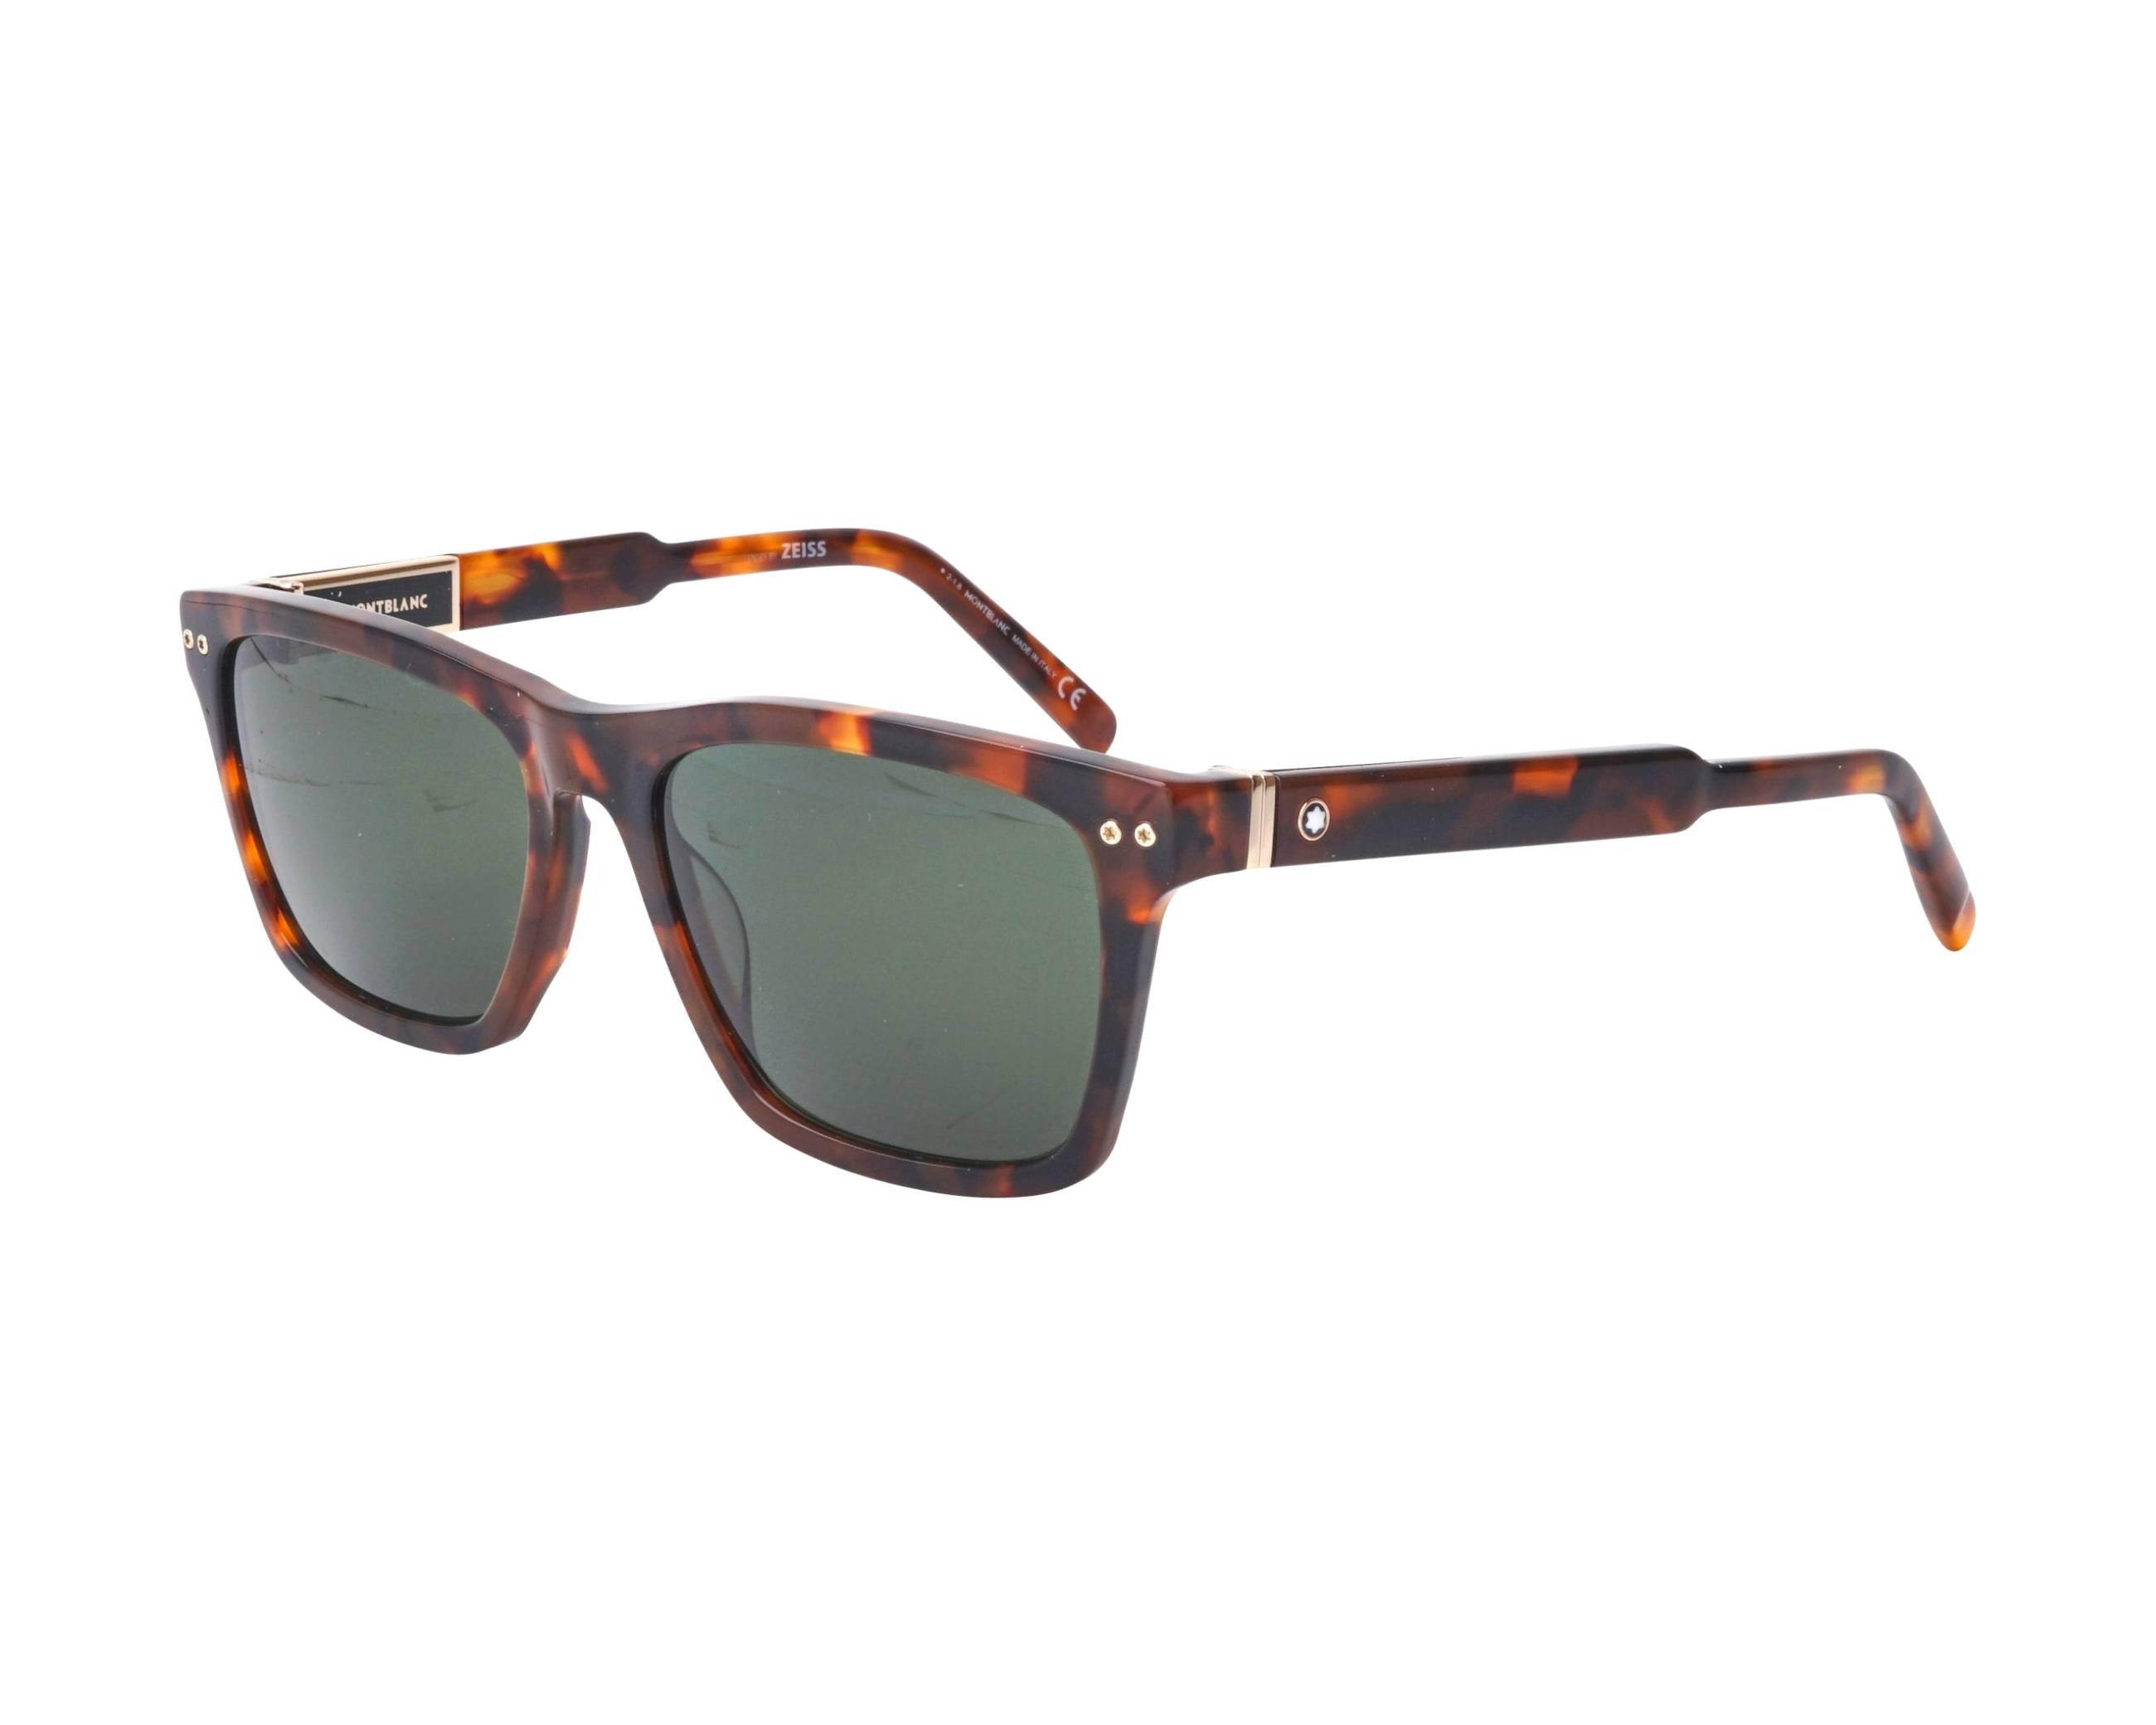 8f29086c8b Gafas de sol Mont Blanc MB-694-S 52R 56-17 Havana vista